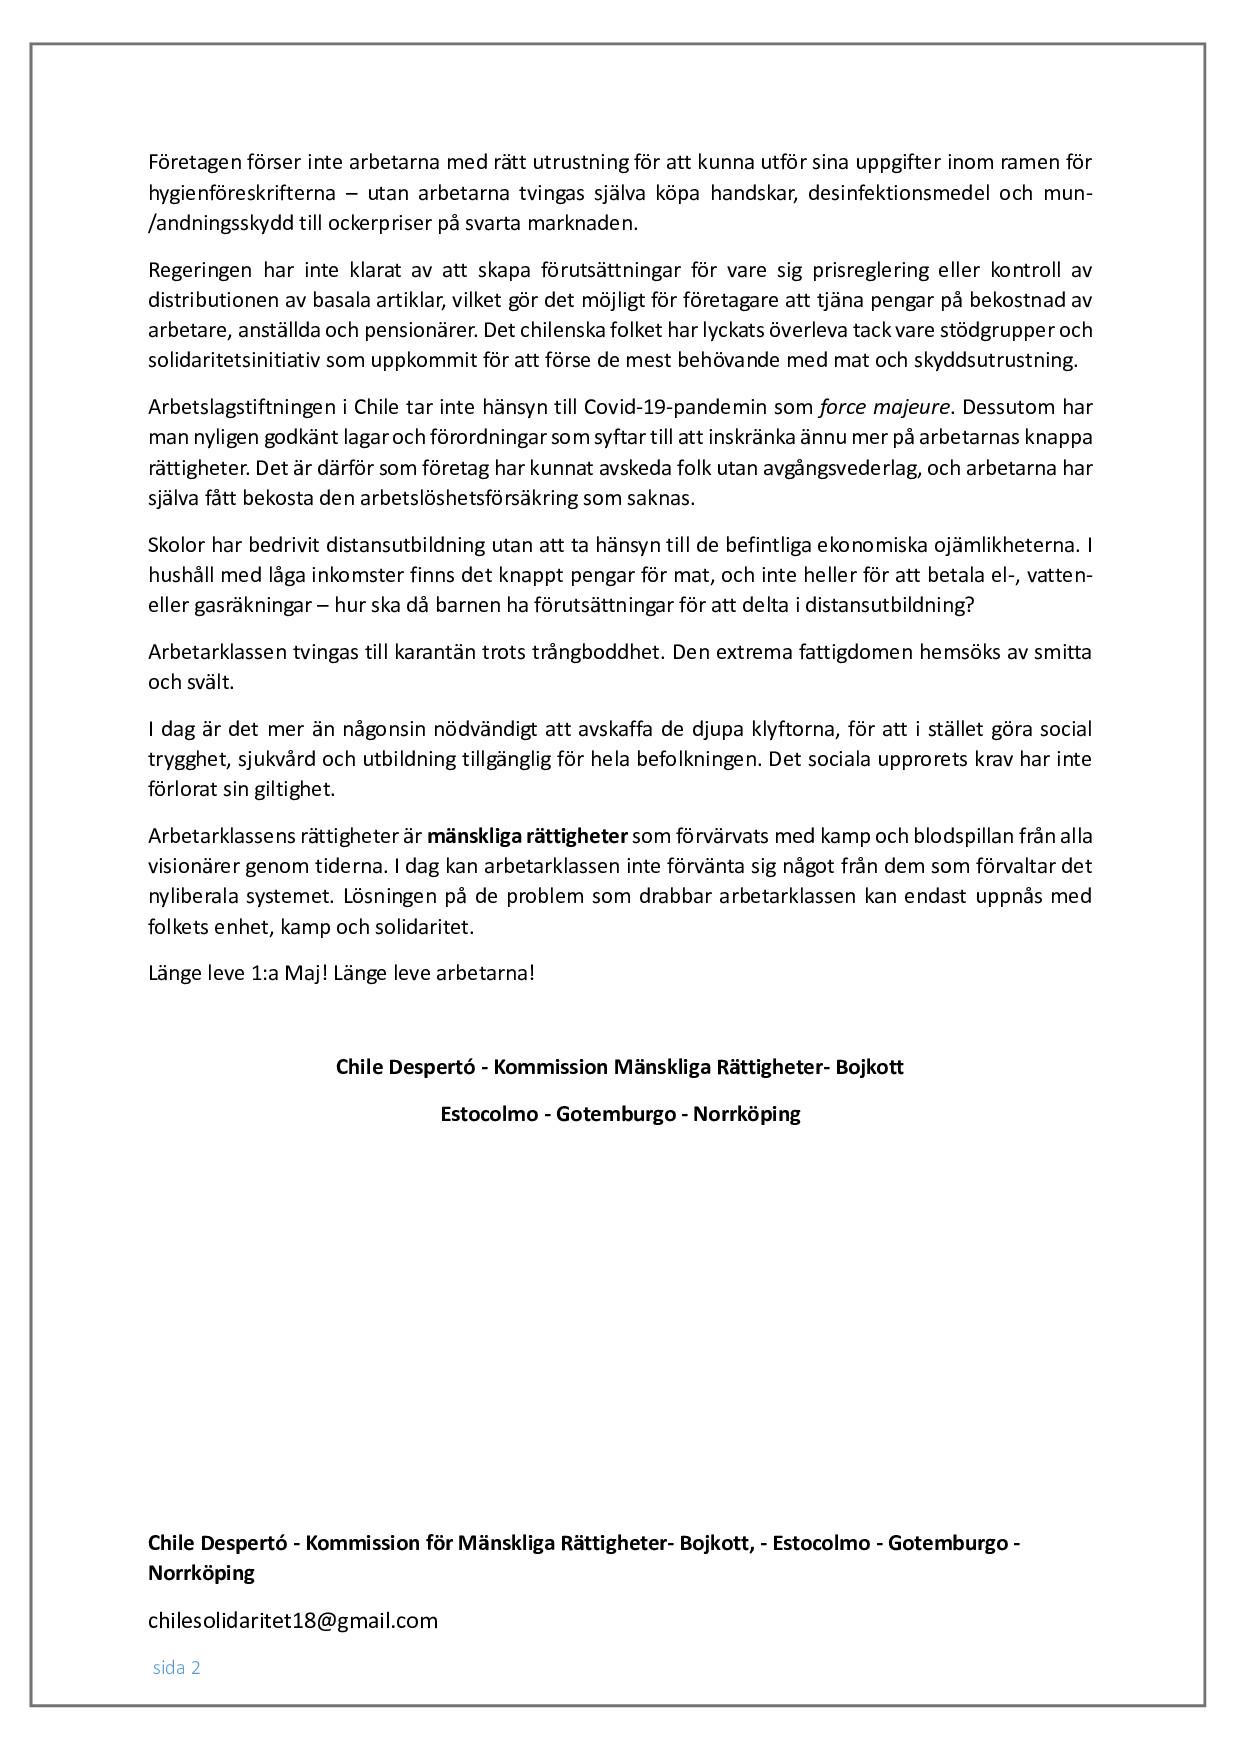 Uttalande Första Maj-Chile_002